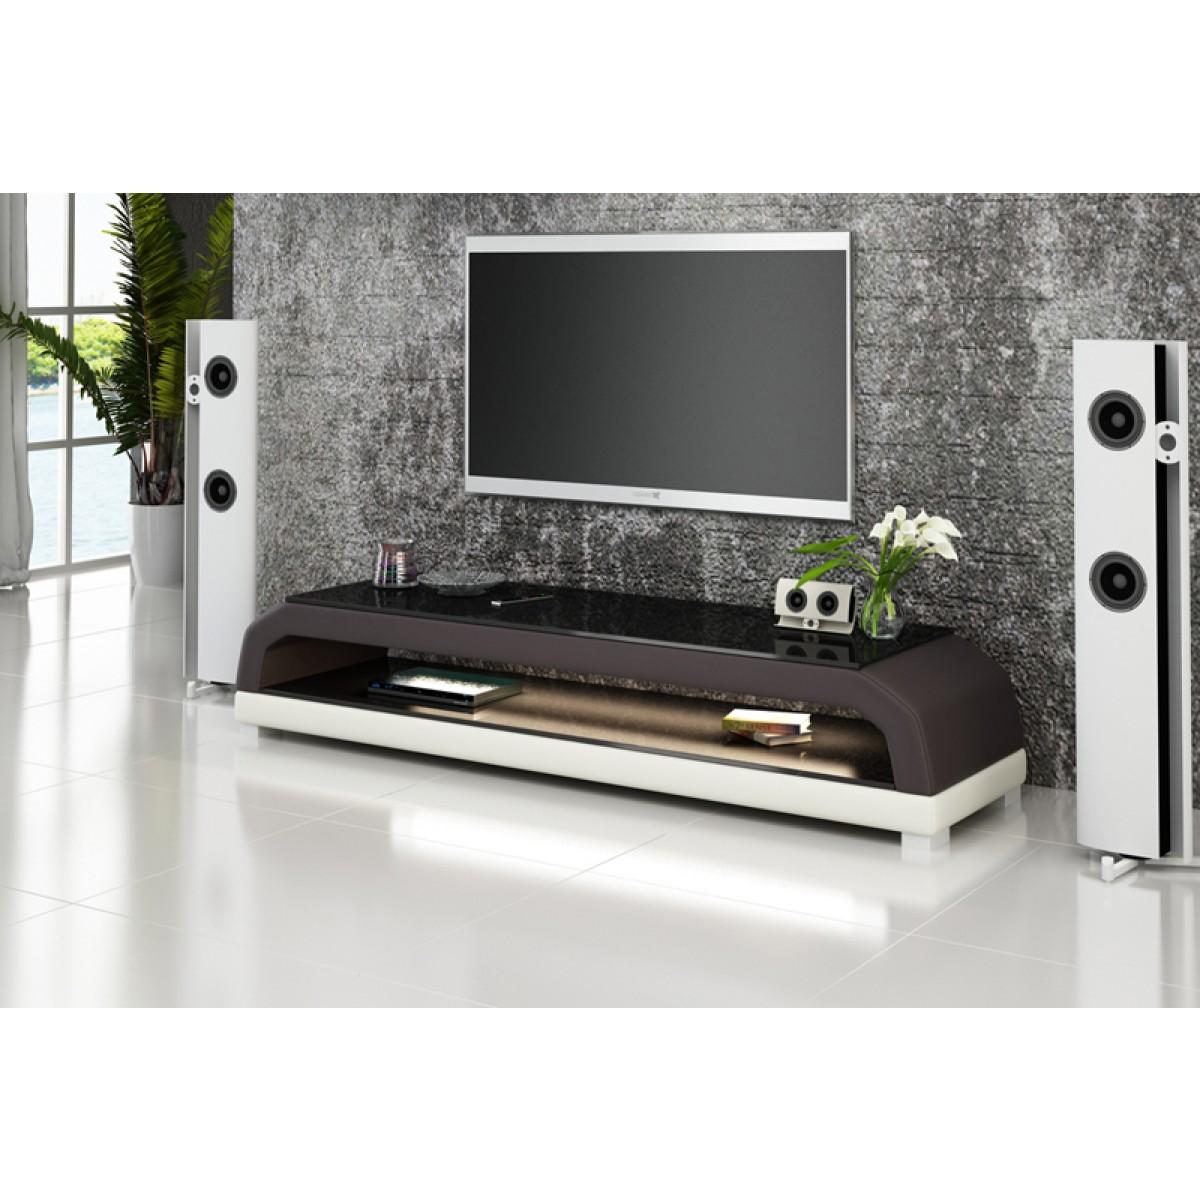 Meuble TV design personnalisable Nimes pop-design.fr